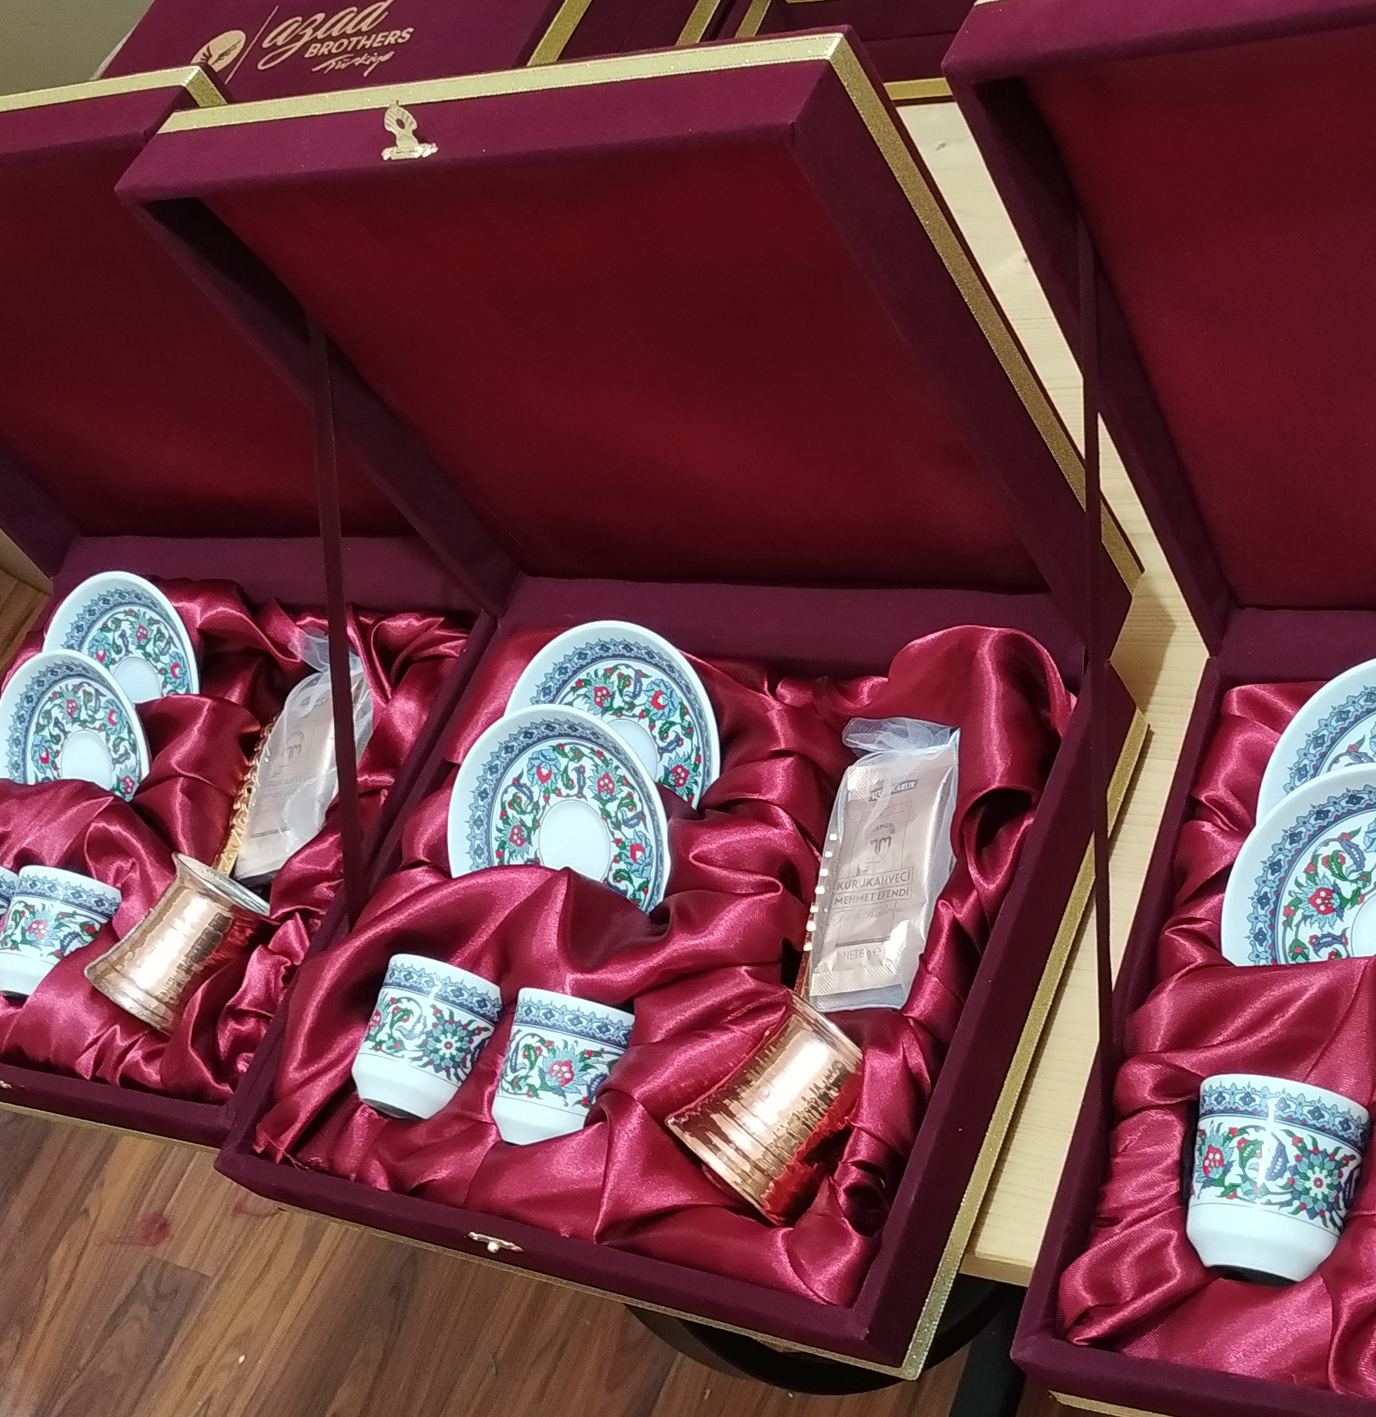 Kadife Kutulu 2 li kahve takımı  setleri Logo Baskılı Hediyelik Cezveli İkili Türk Kahvesi Fincan Setleri Kahve Fincanı Dükkanı otantik hediye